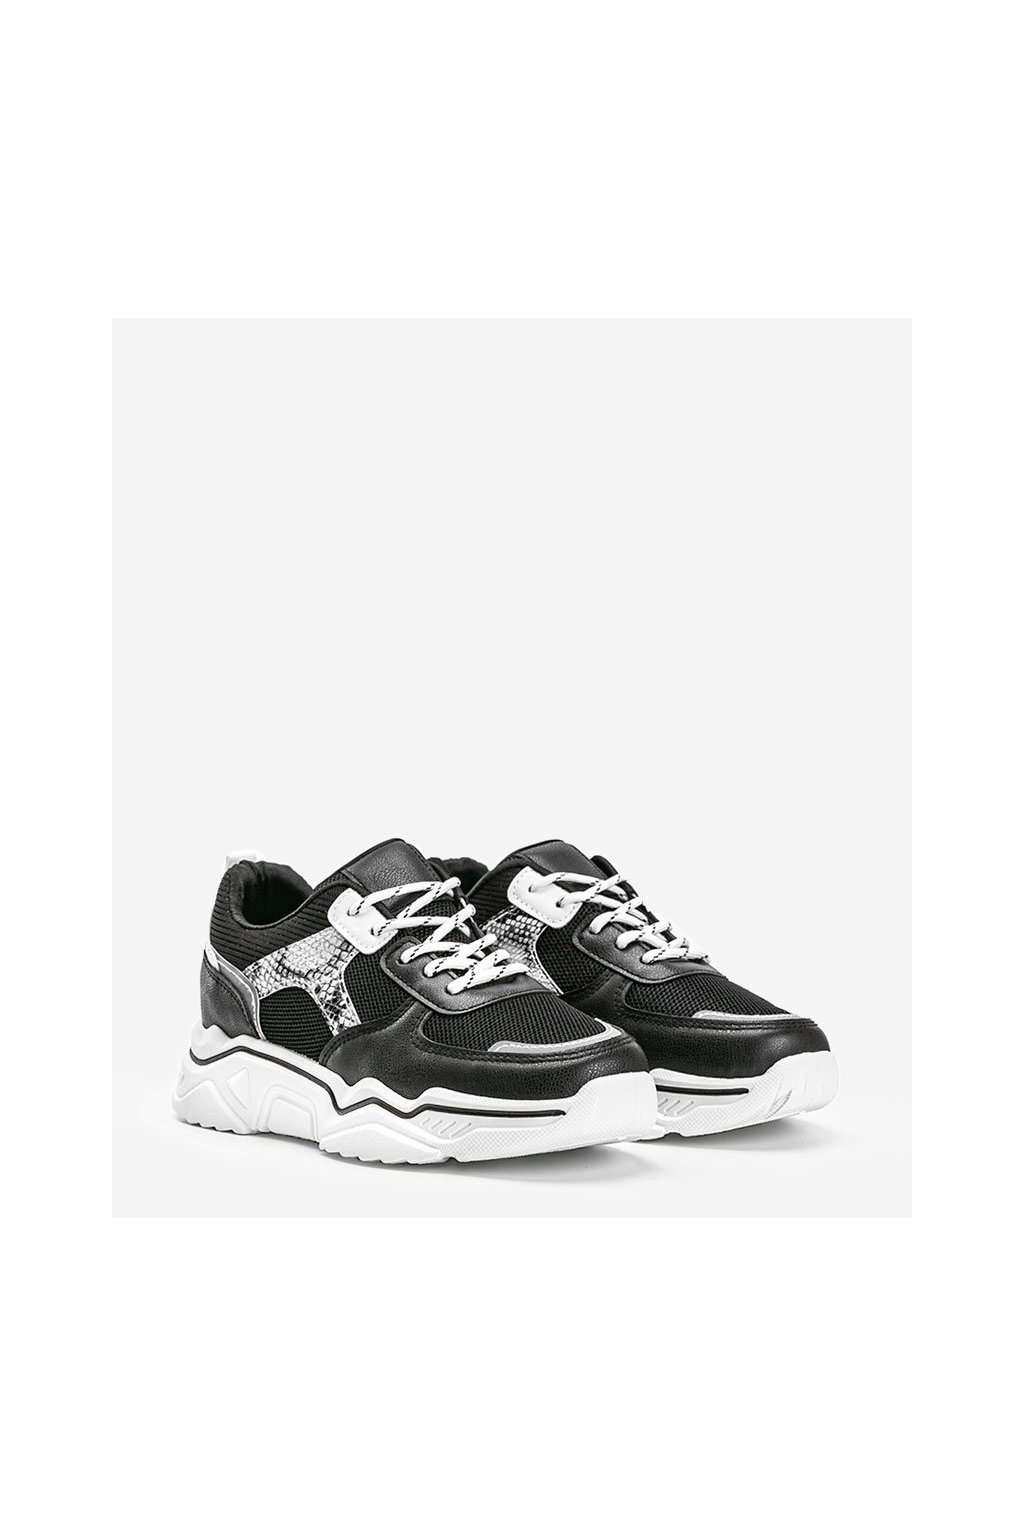 Dámske topánky tenisky čierne kód H99-55 - GM